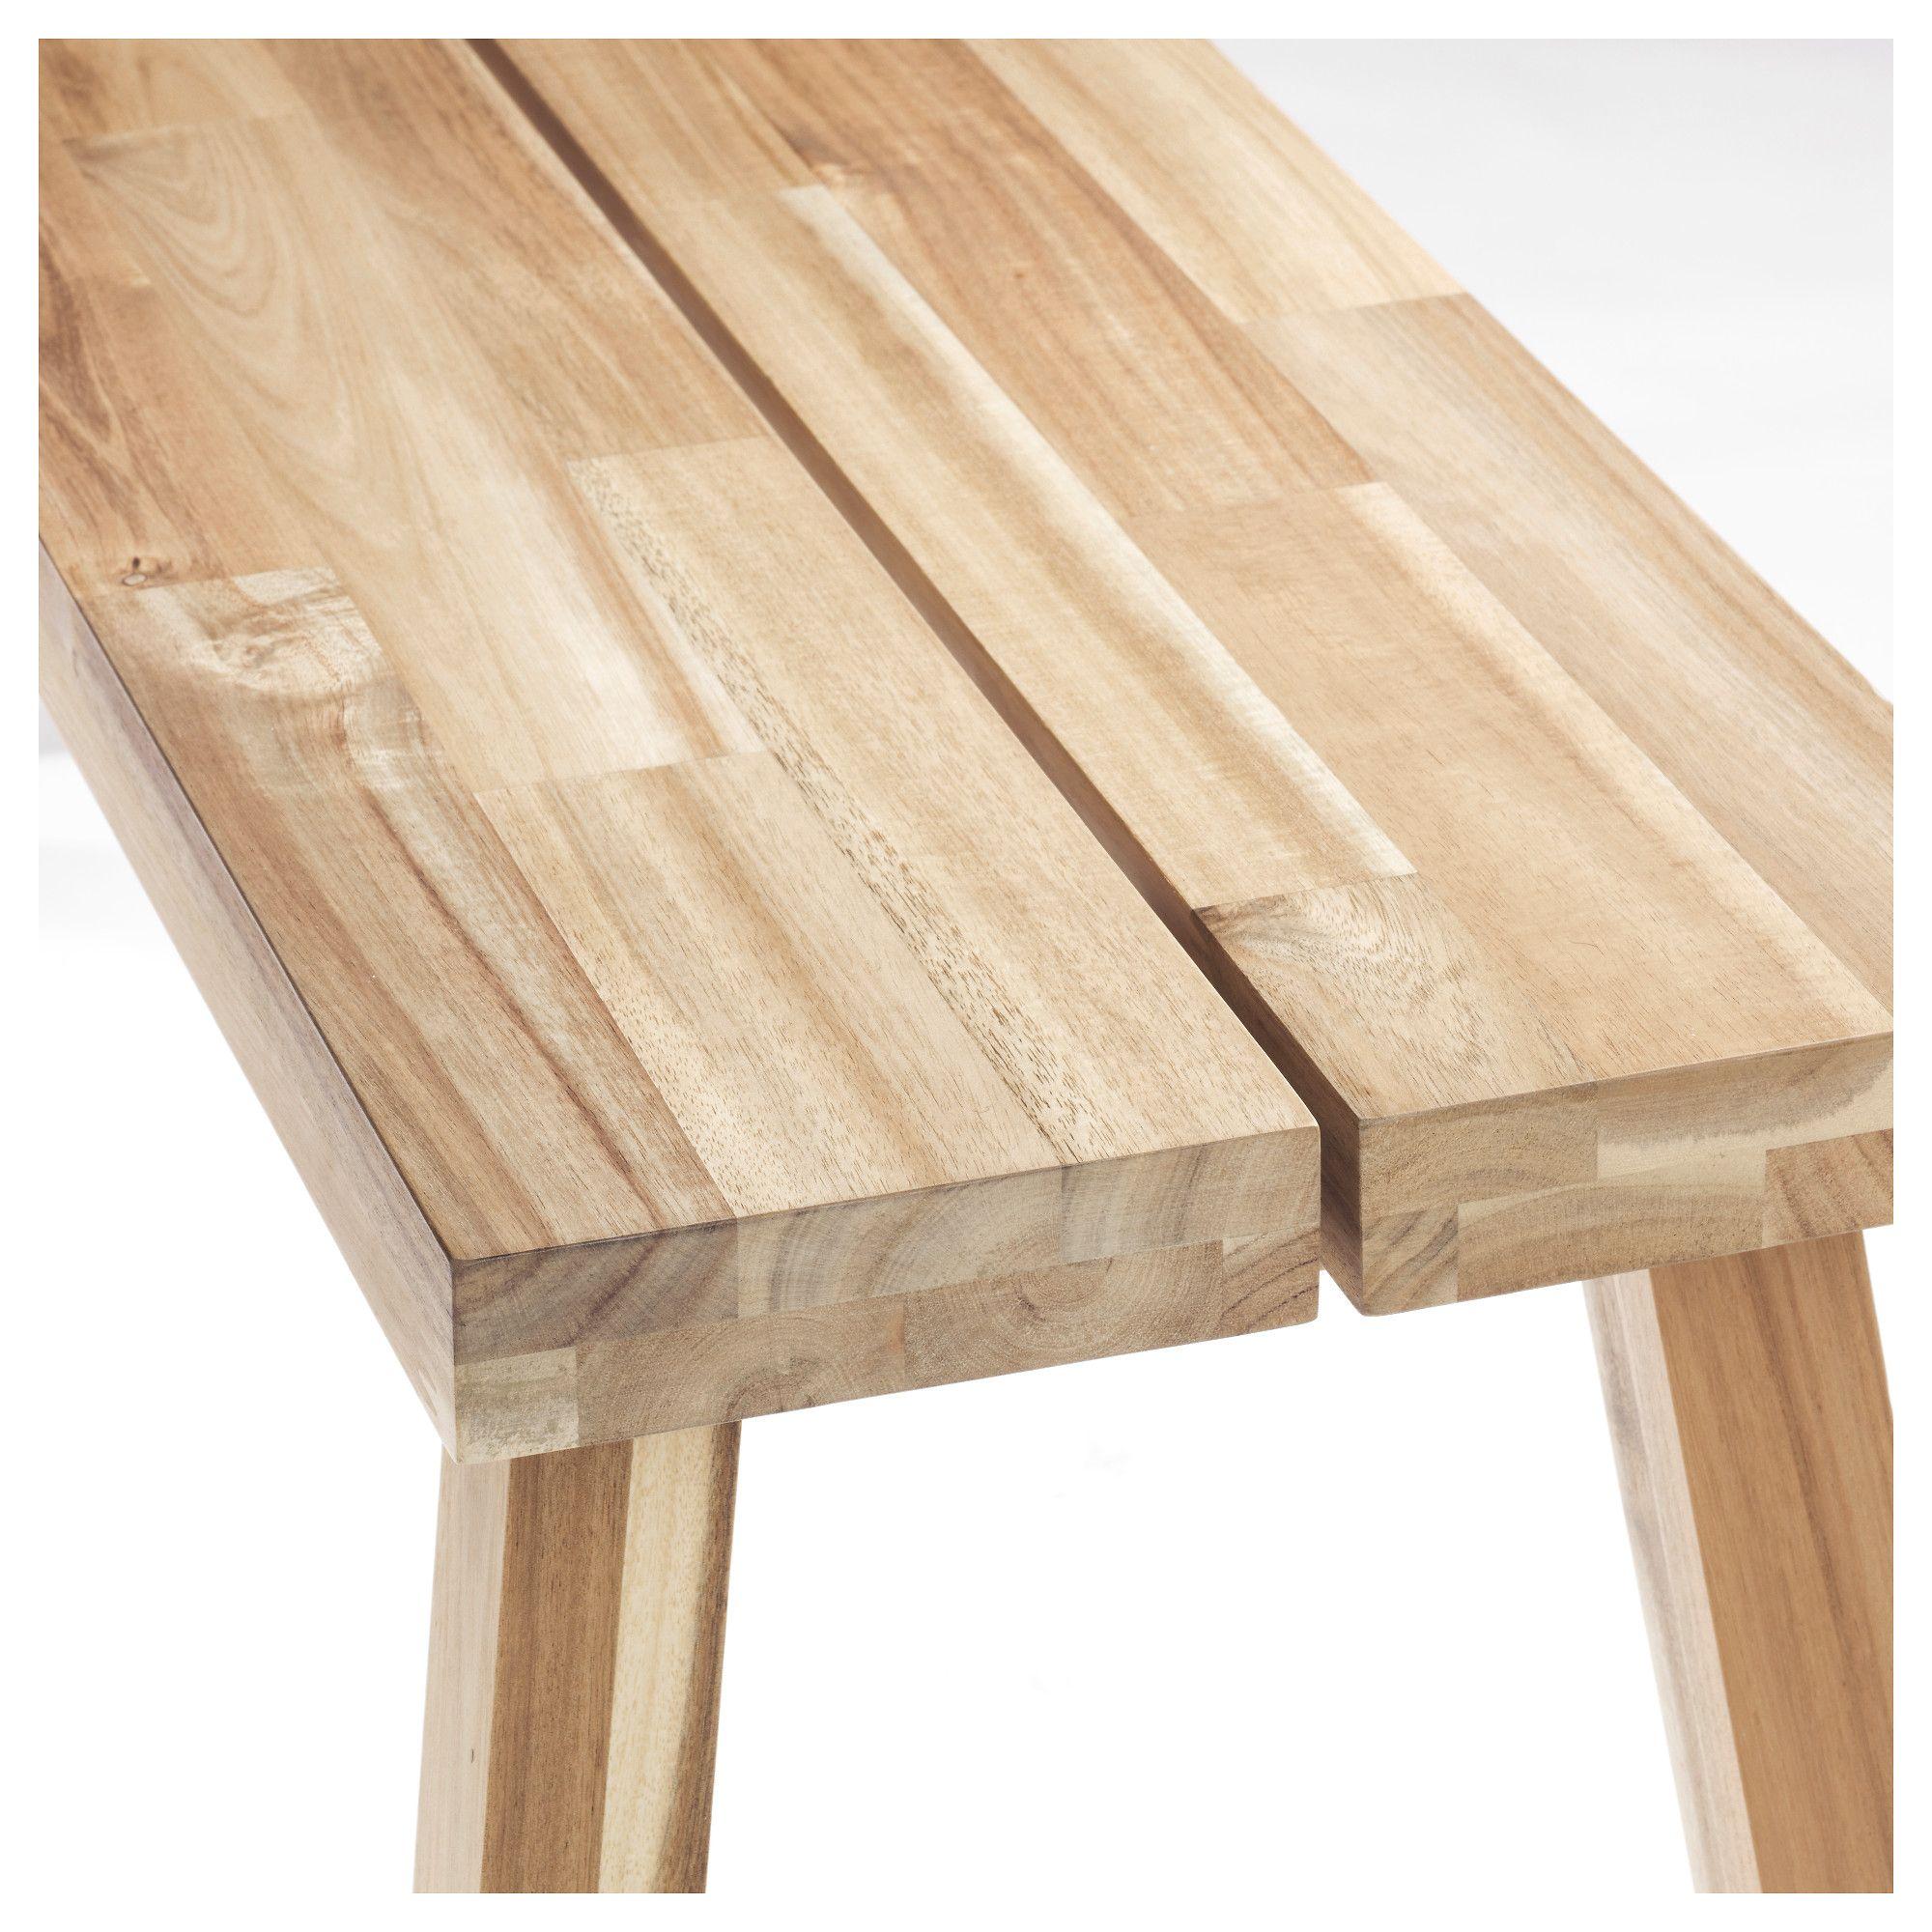 Ikea Houten Bank.Ikea Skogsta Bench Acacia In 2019 Ikea Solid Wood Ikea